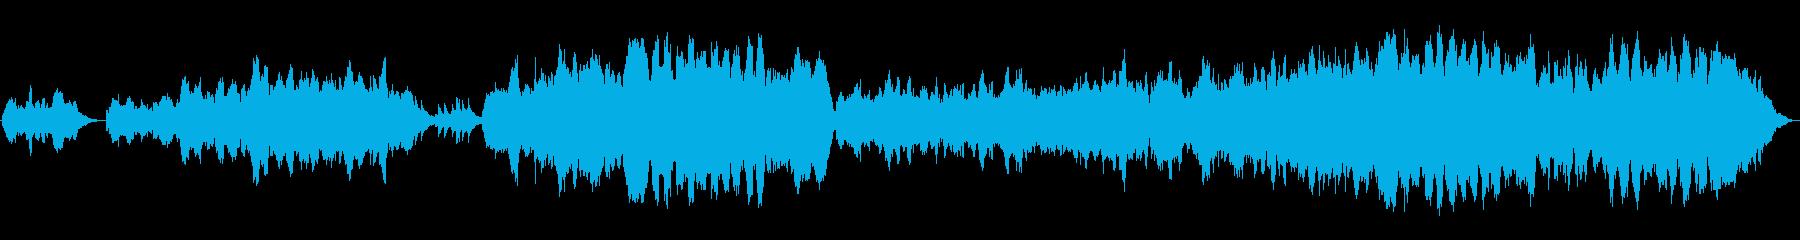 弦楽4重奏からフルオーケストラへー静と動の再生済みの波形